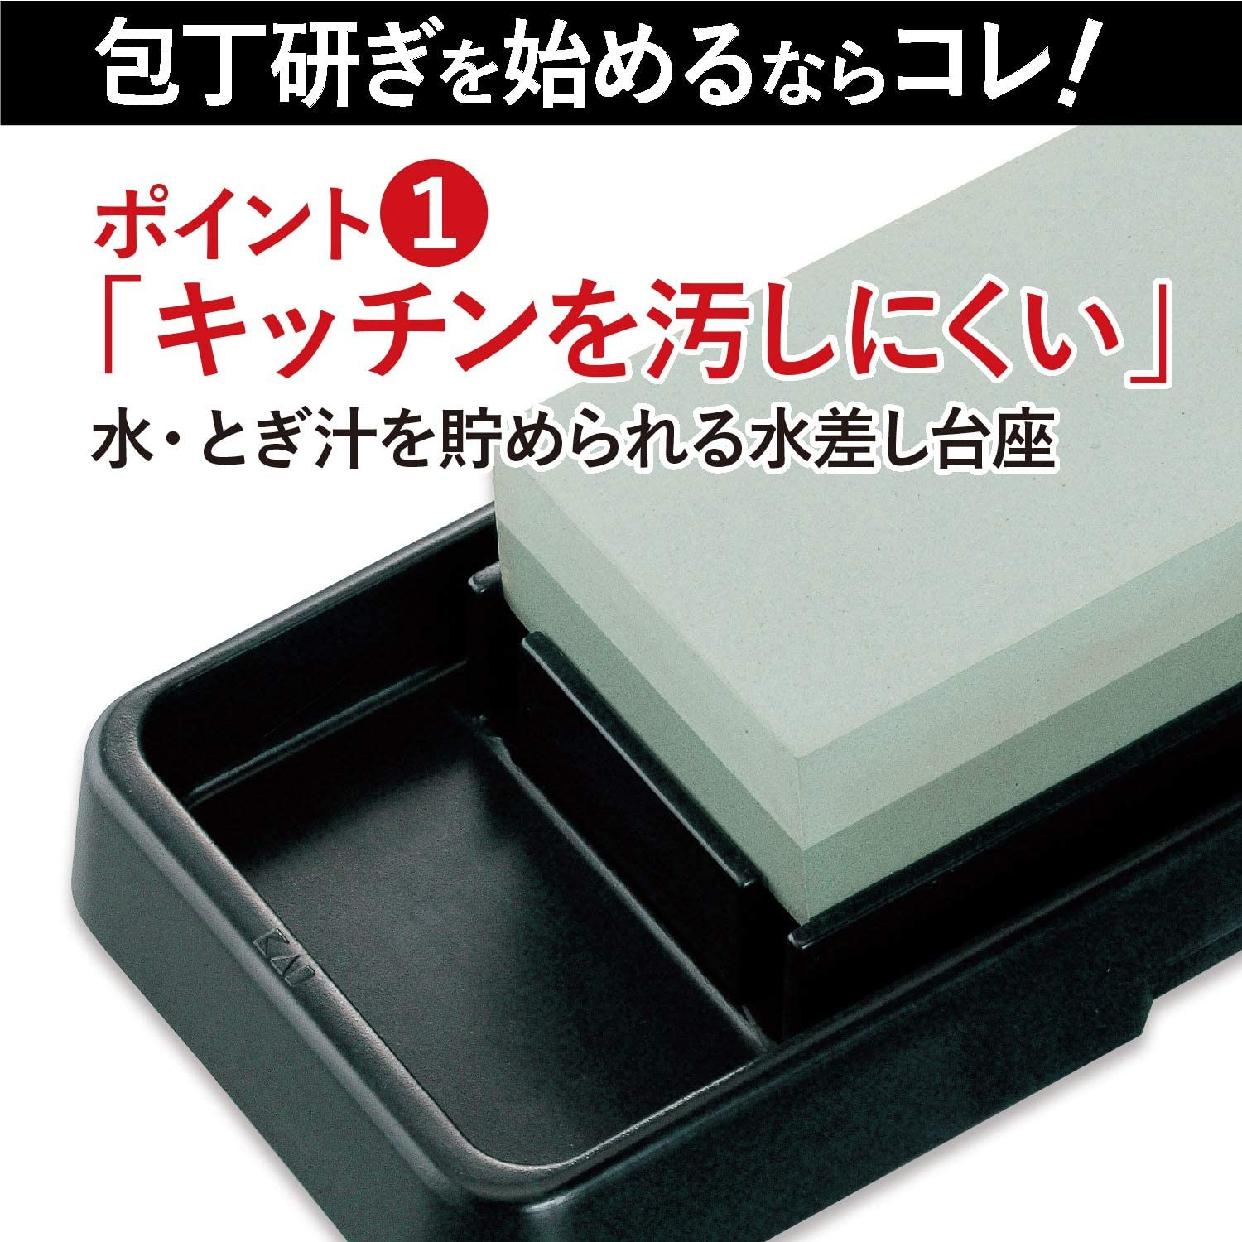 貝印(KAI) コンビ 砥石セット (#400・#1000) 日本製 グレー AP0305の商品画像2